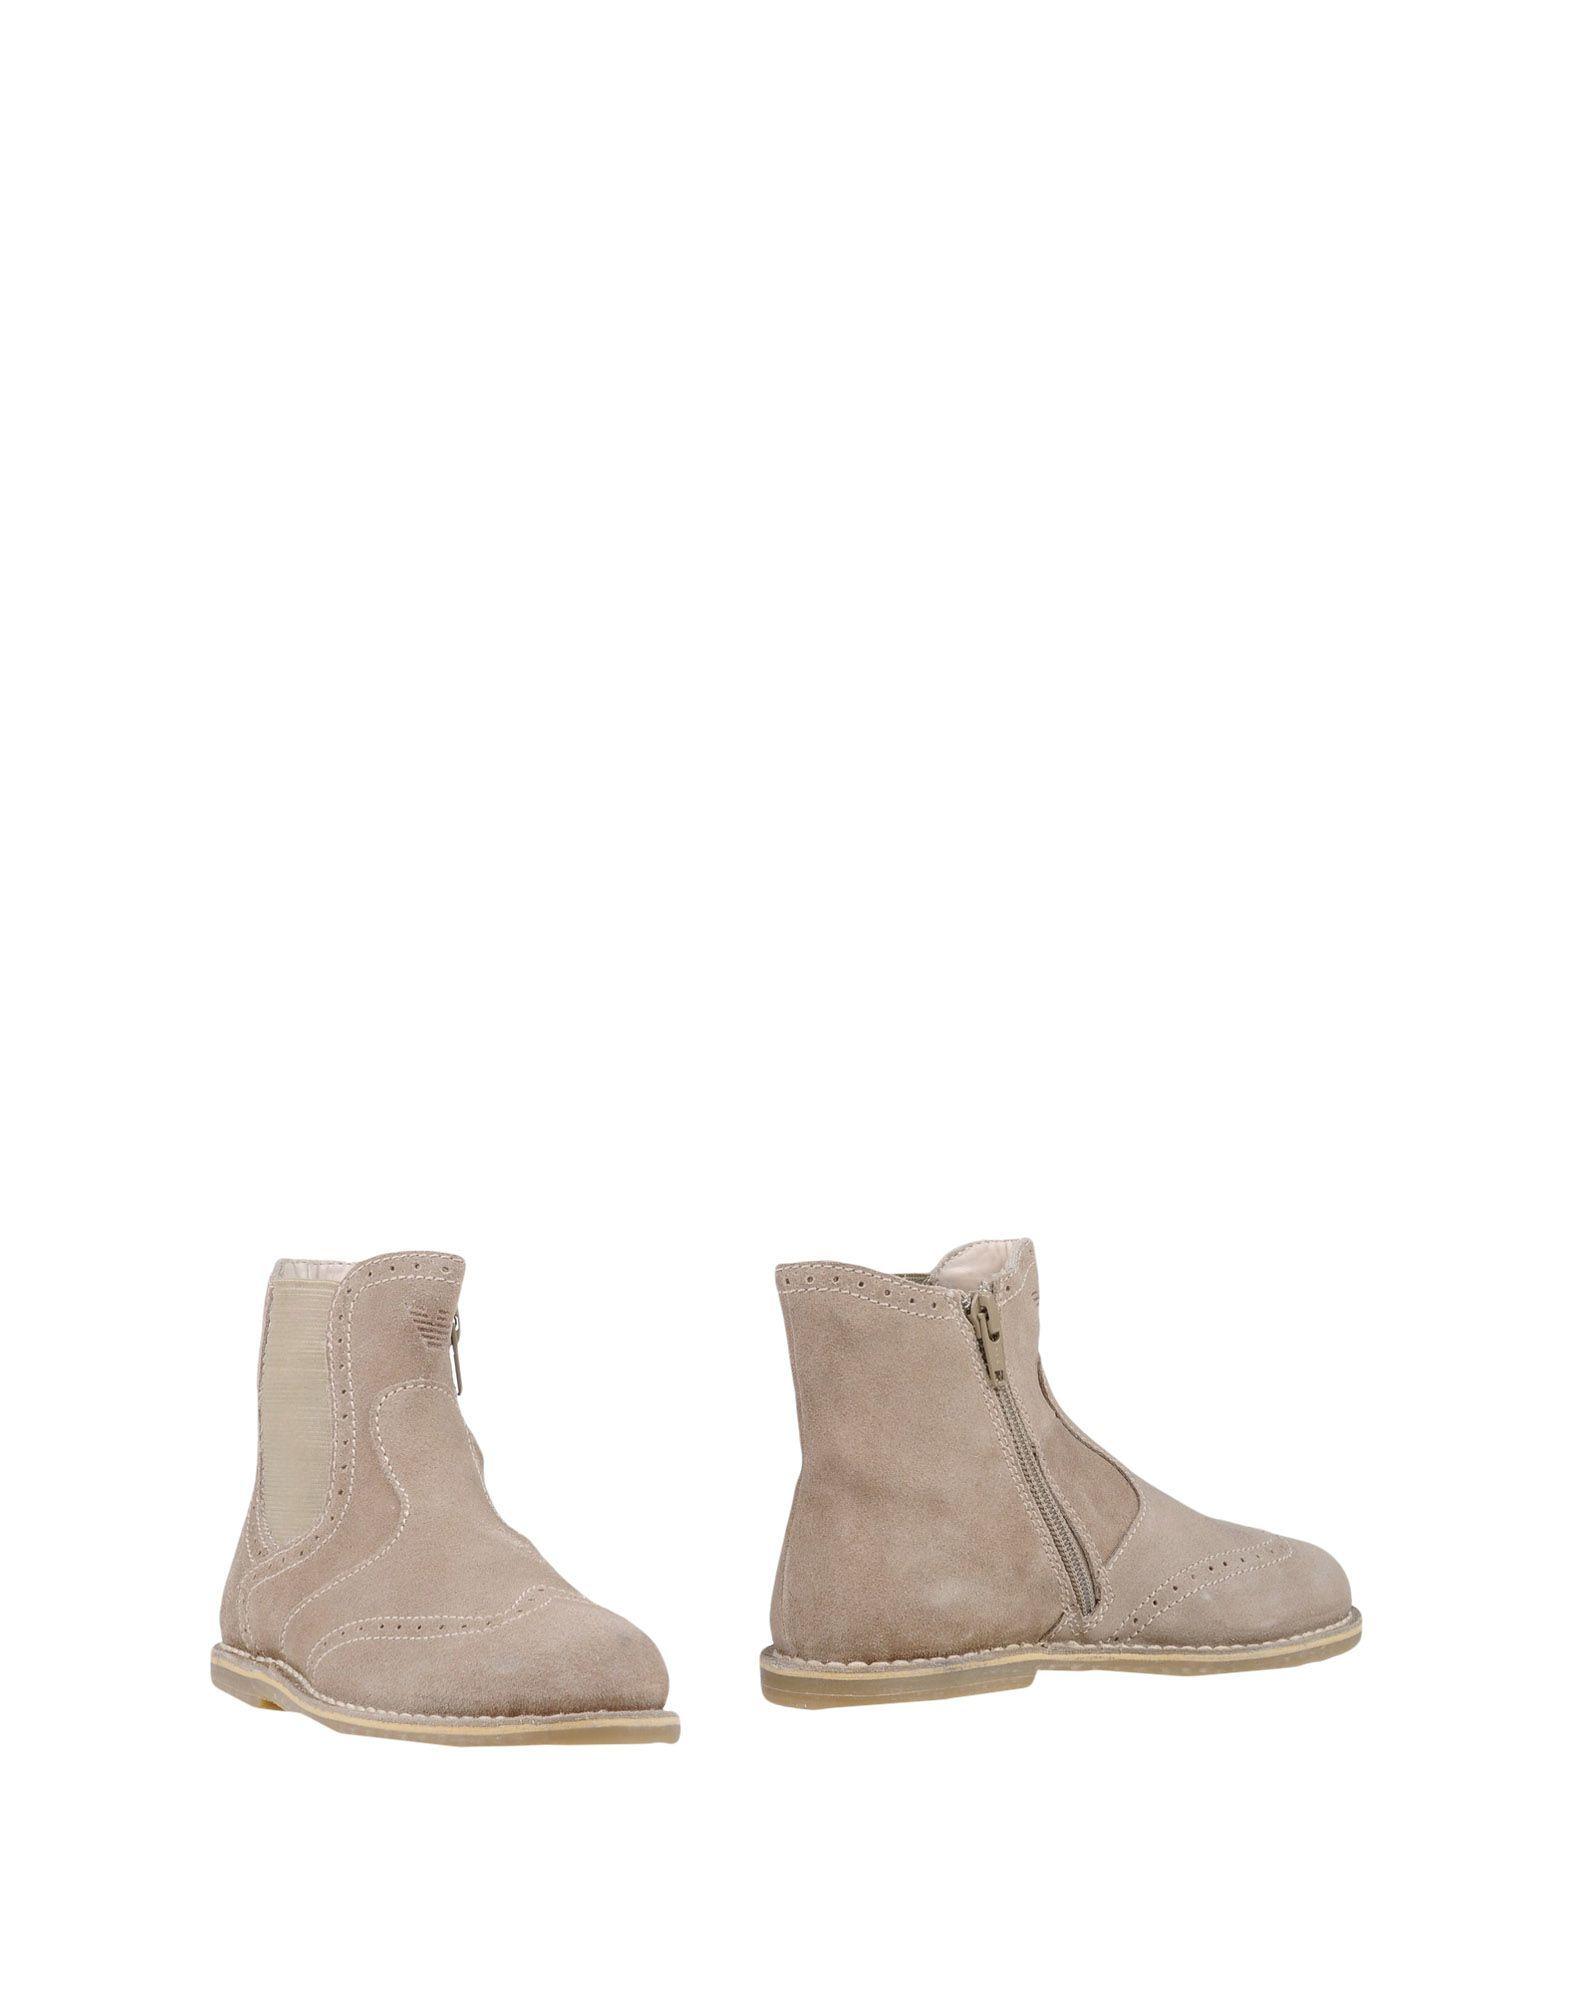 FOOTWEAR Armani Junior Sand Boy Leather